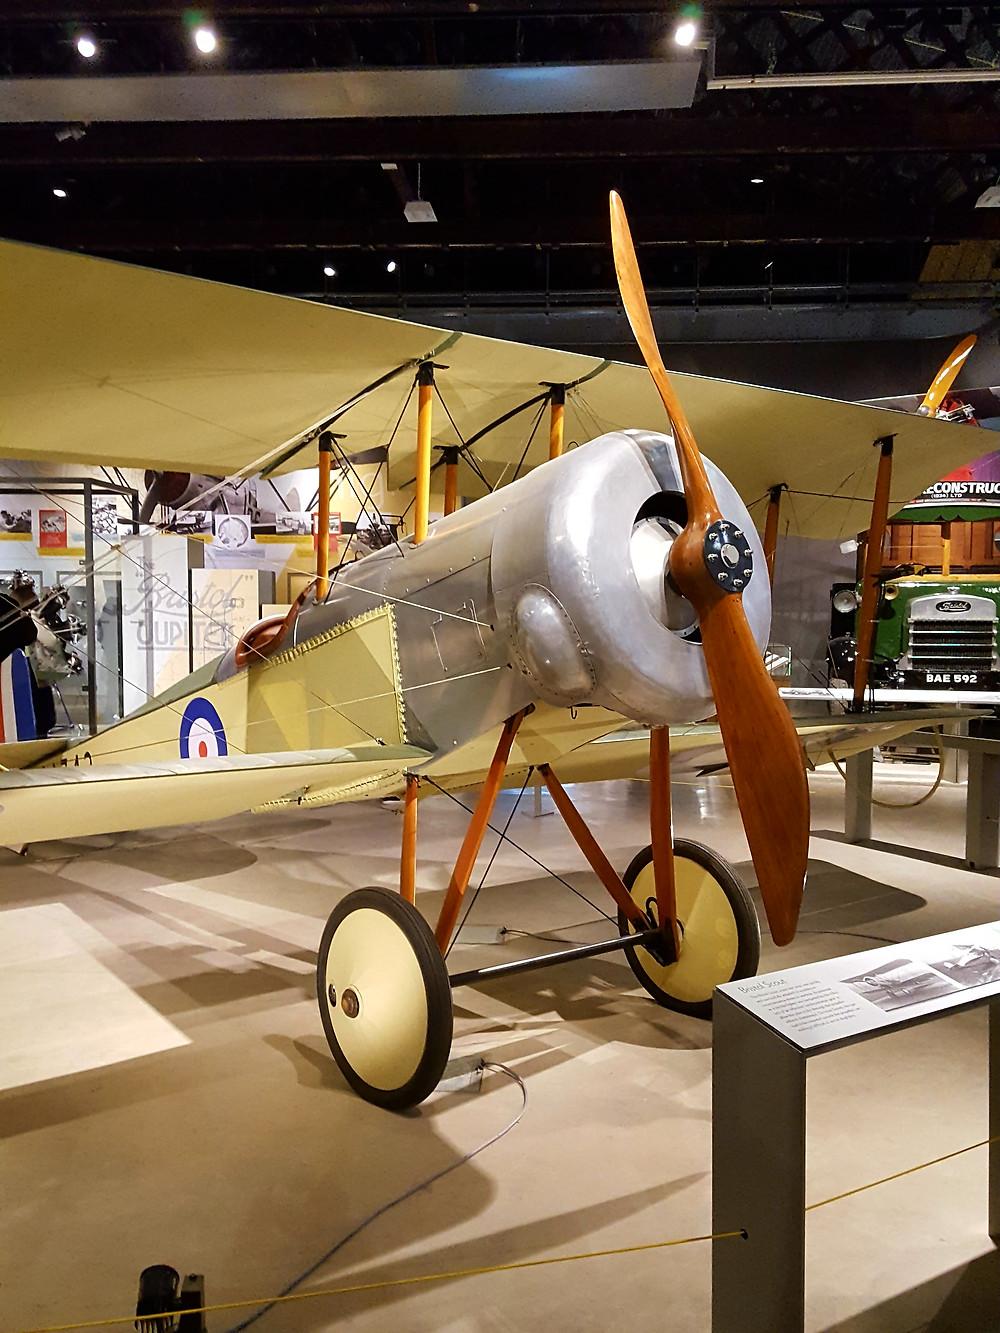 Replica aircraft